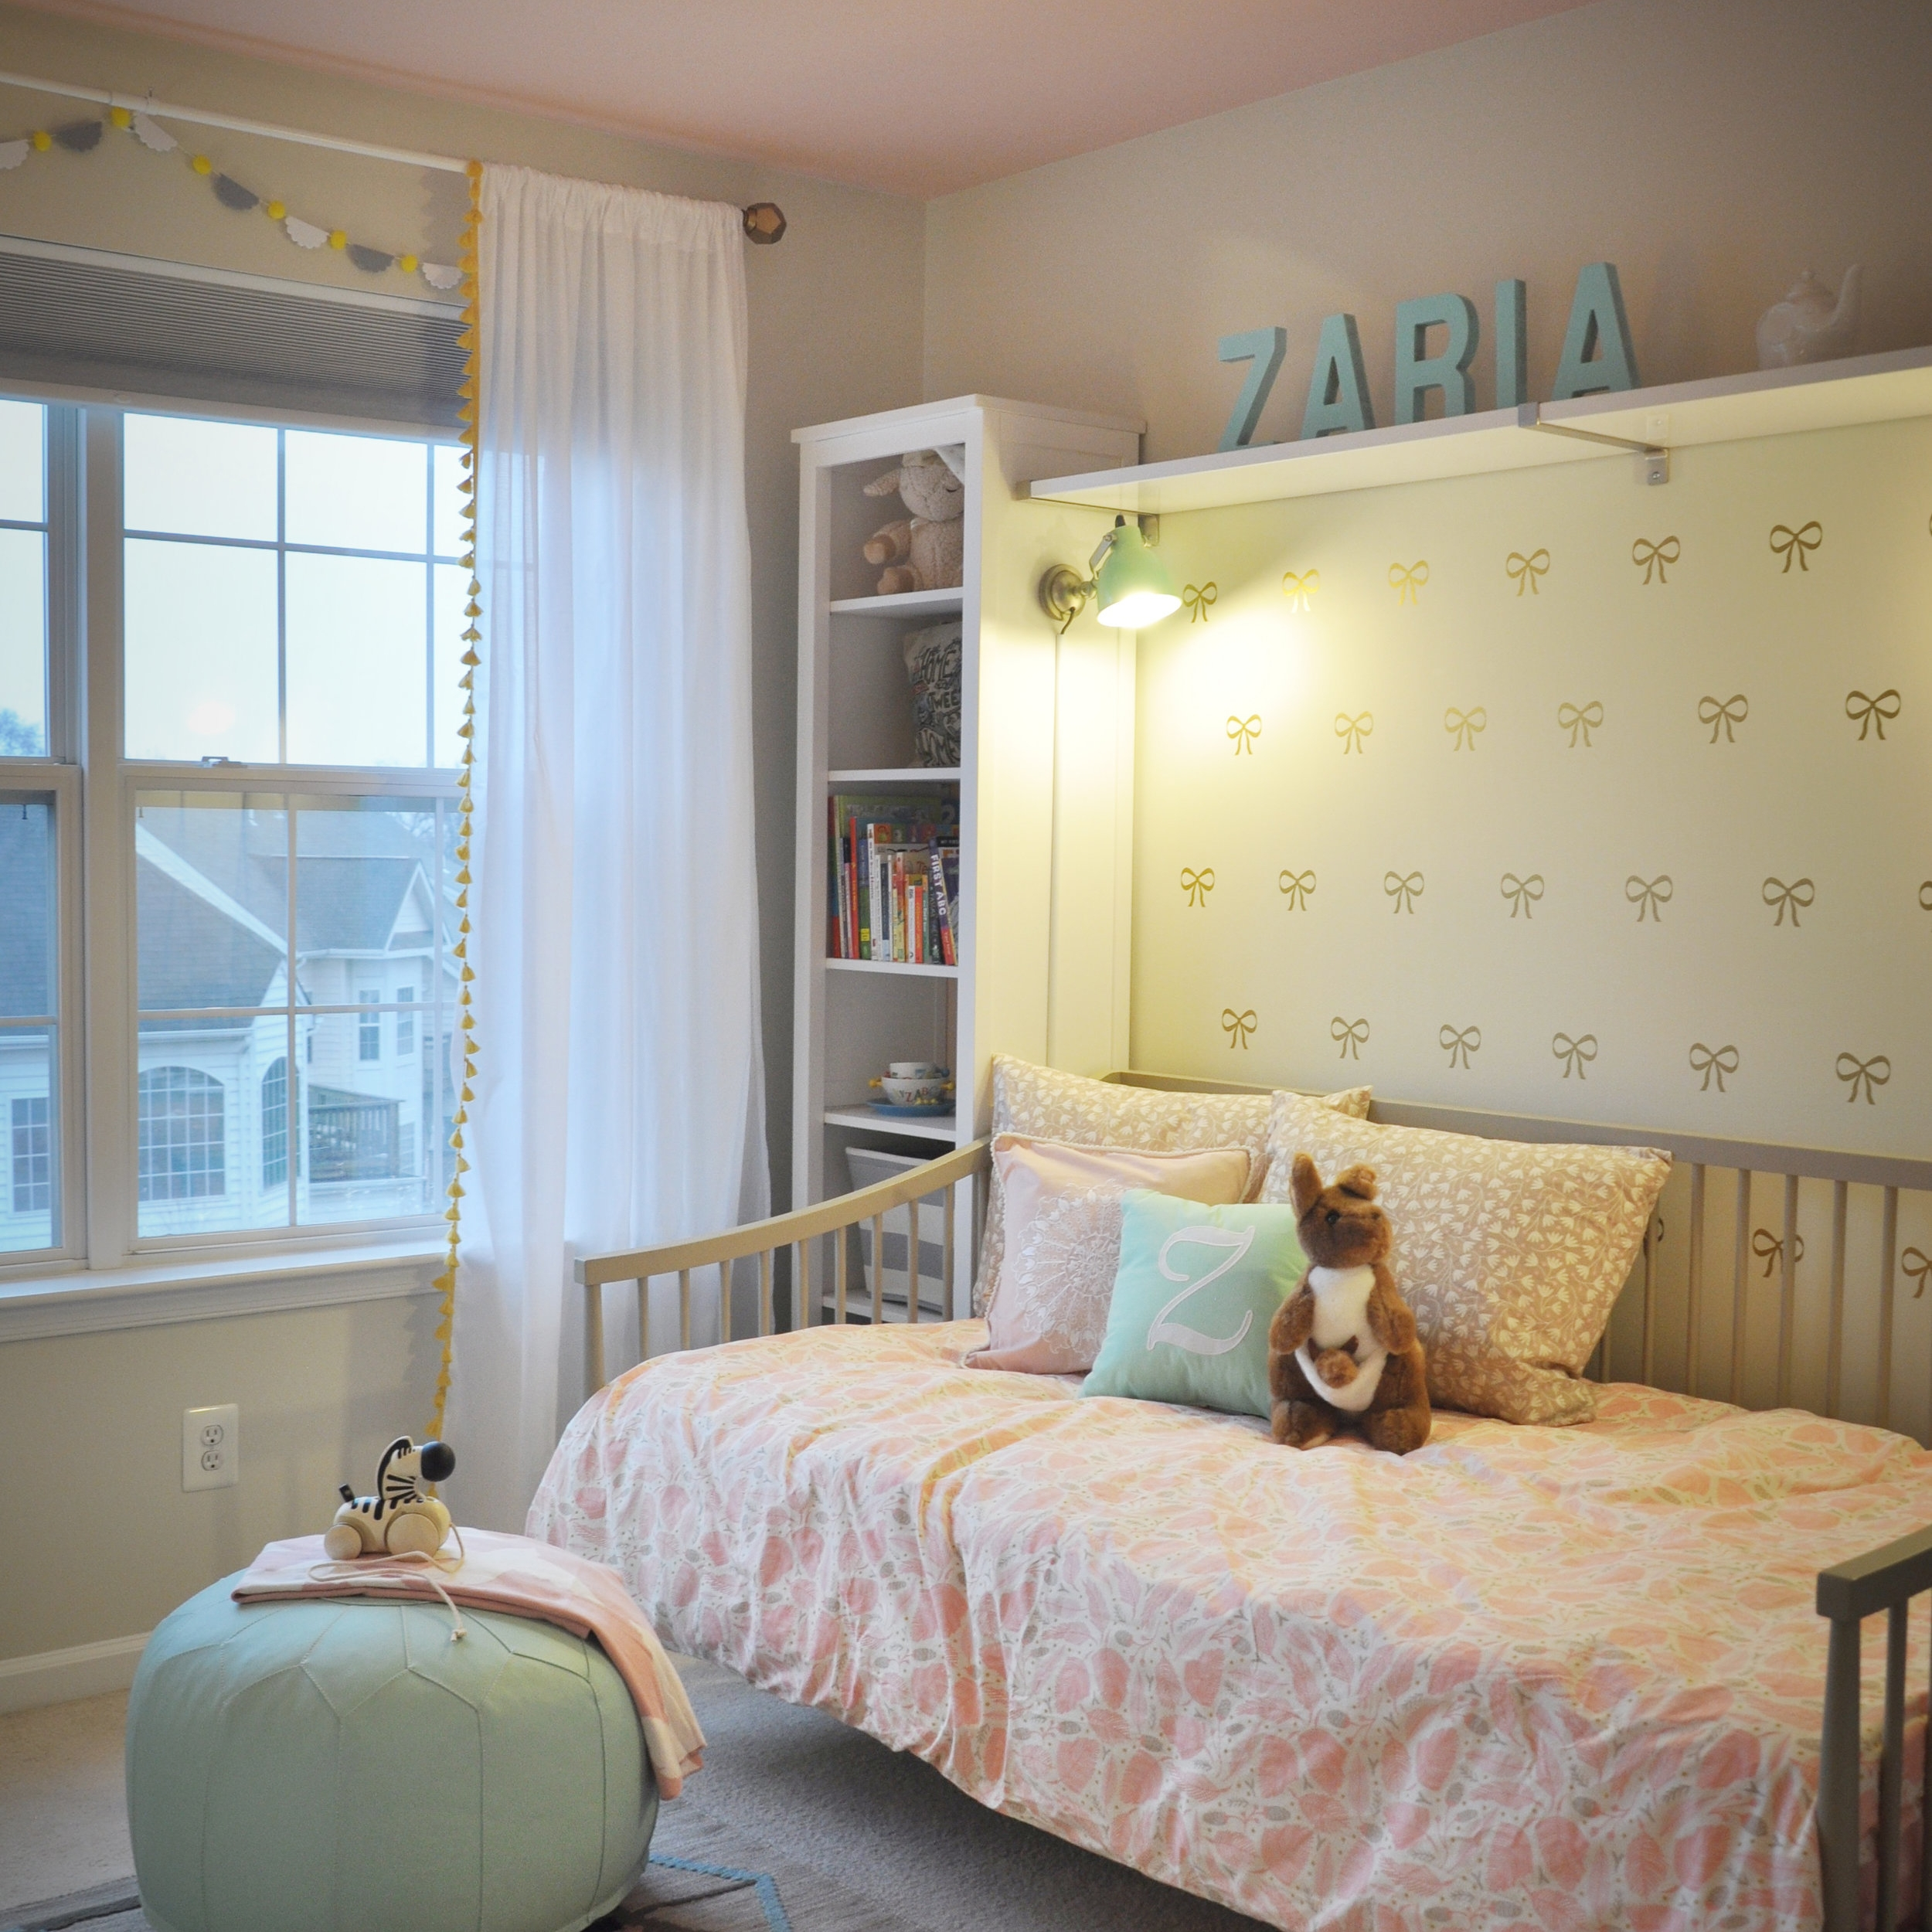 Zaria   Little Girl's Room* -